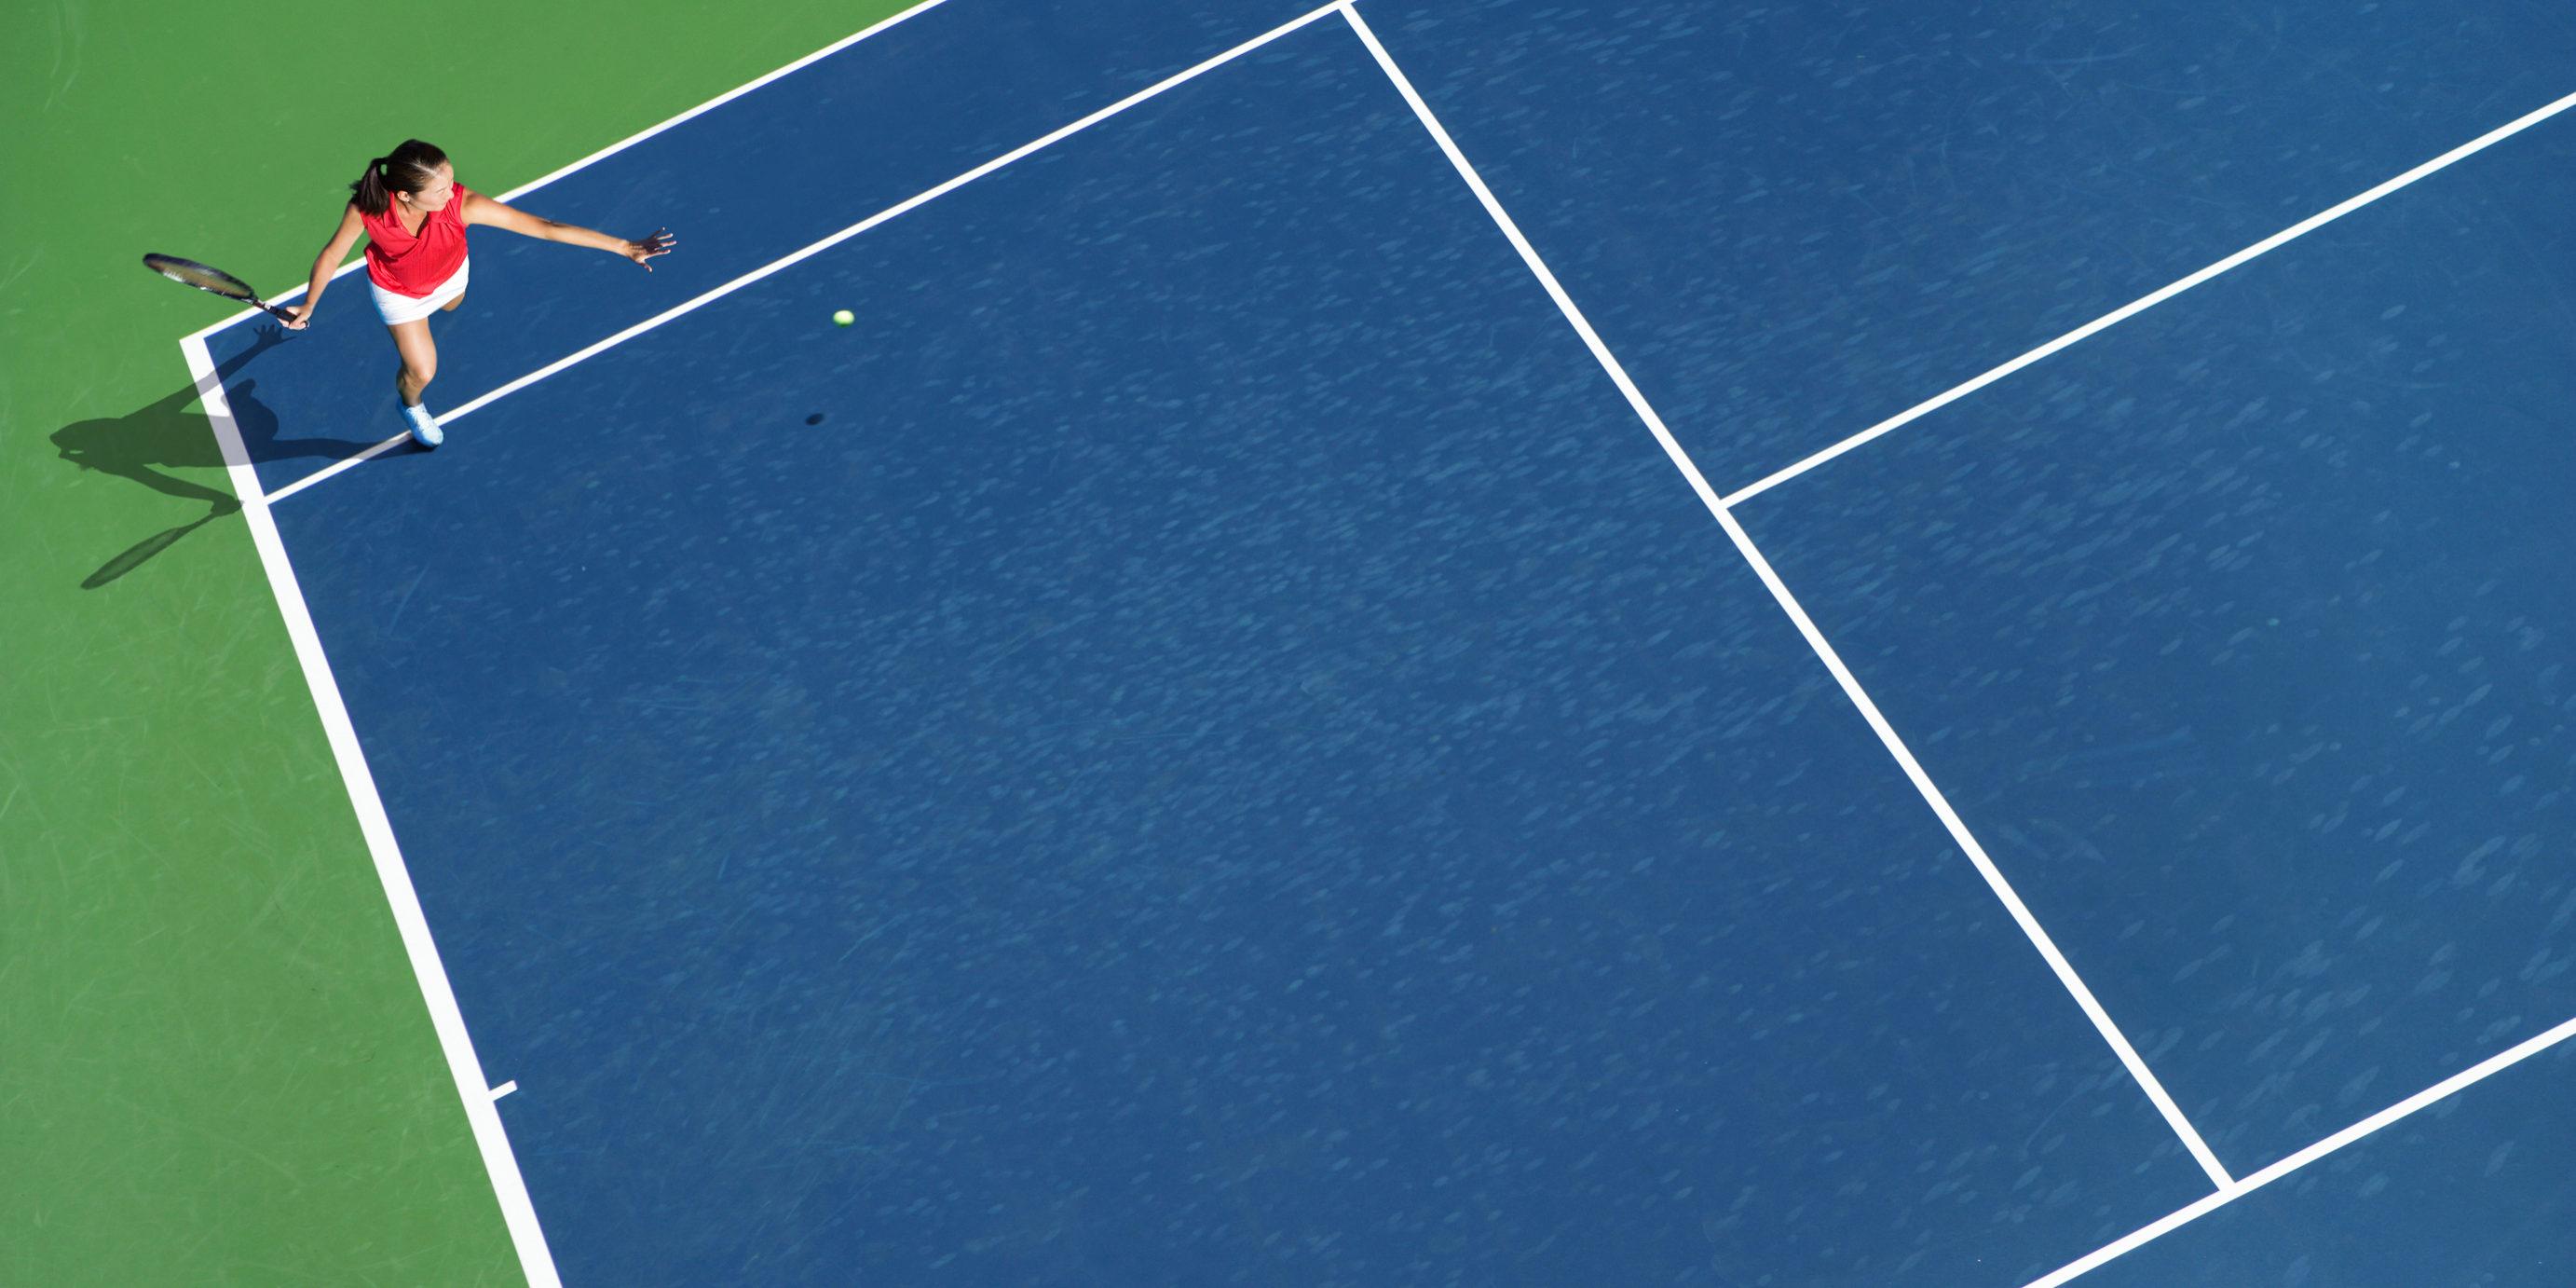 Tennis run around forehand